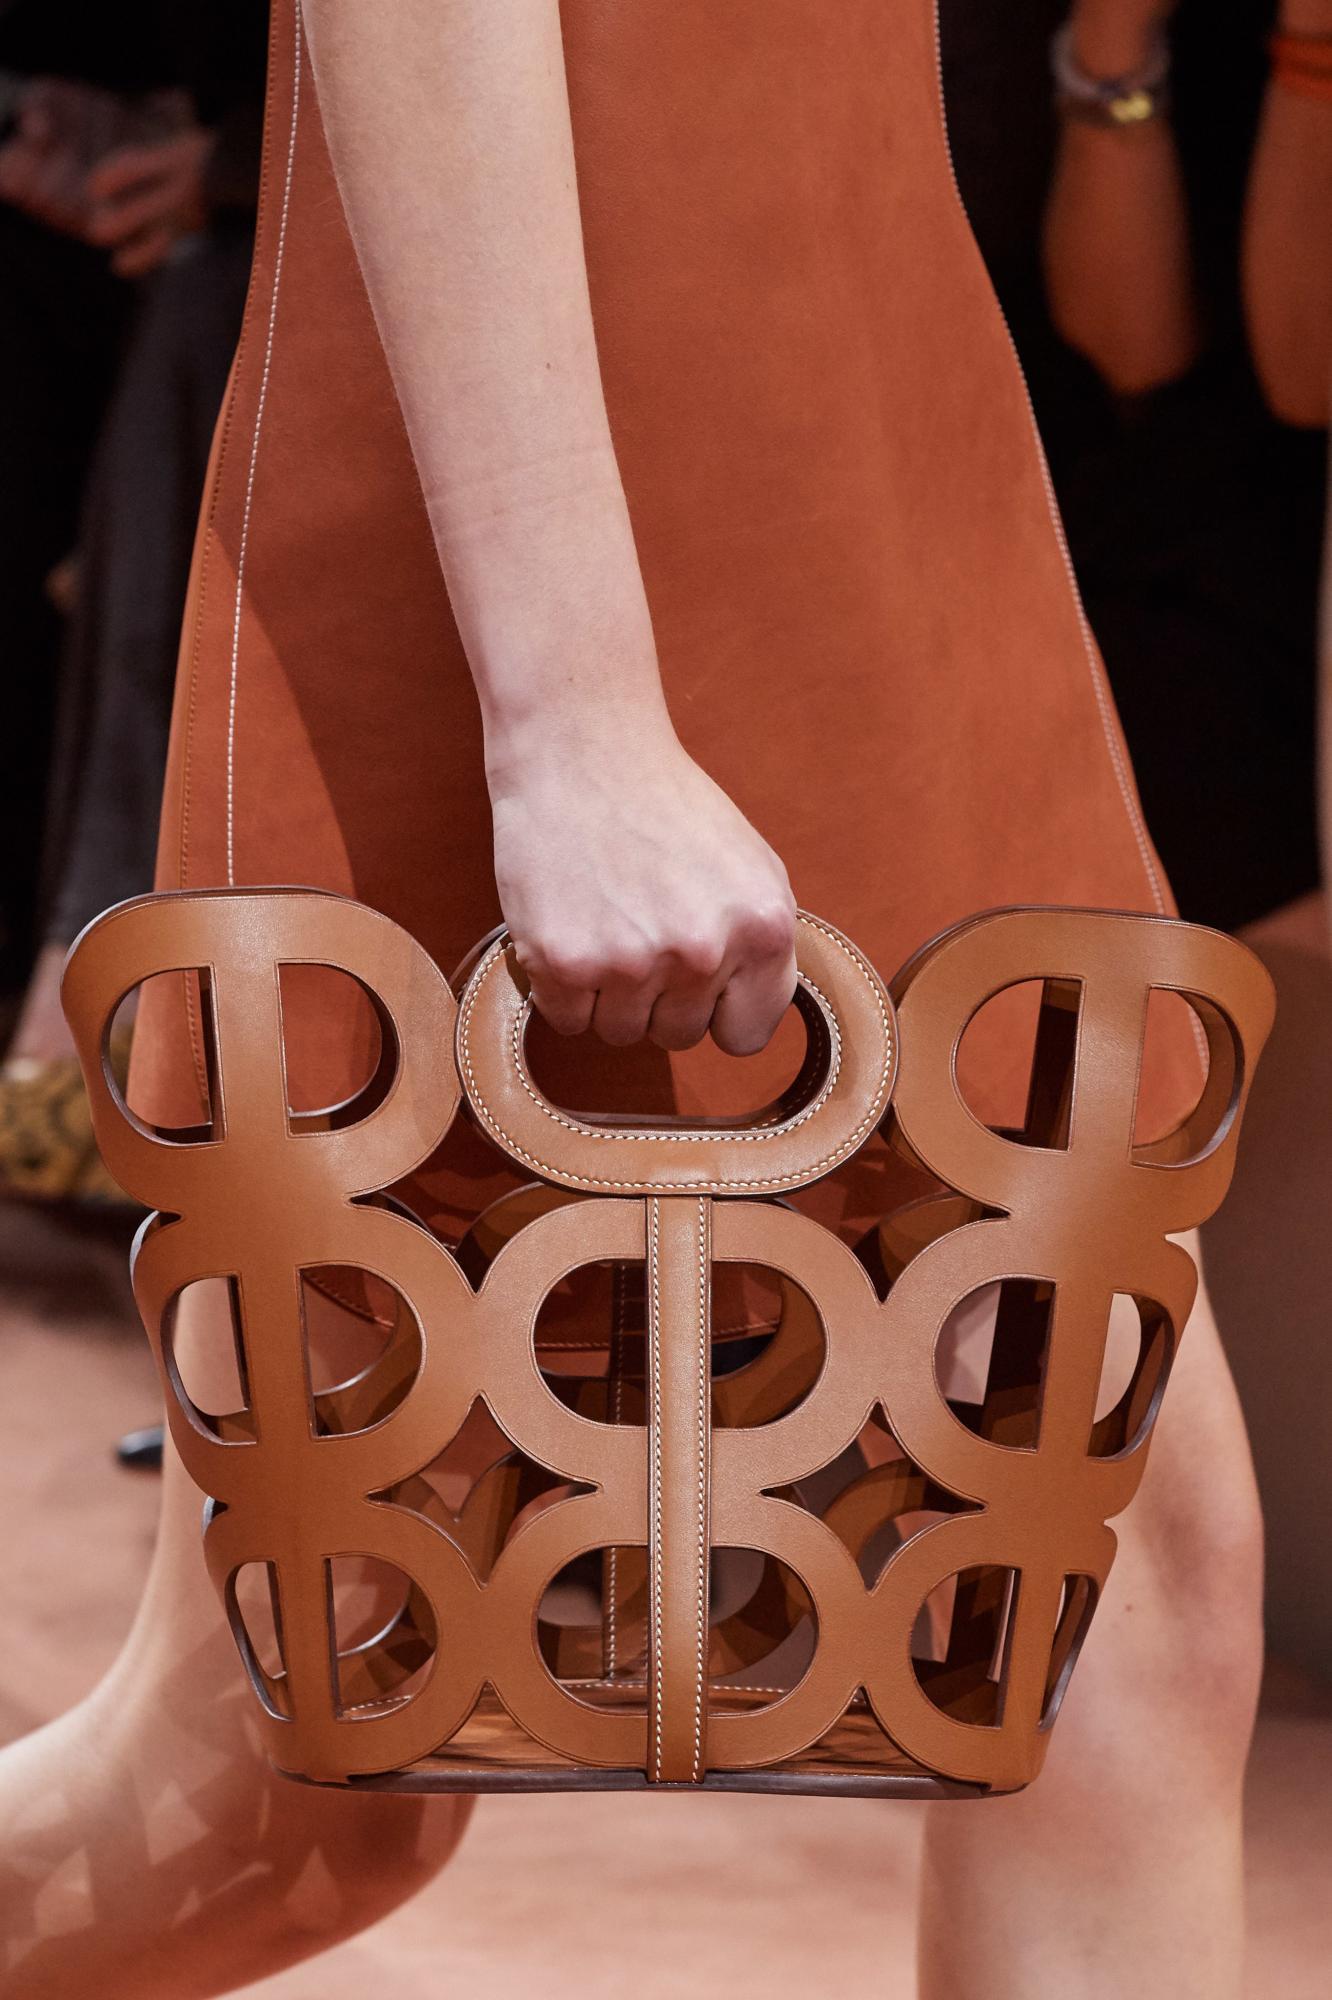 Мікроміні і стиль хіпі: 10 модних трендів ХХ століття, які точно повернуться в 2020-му